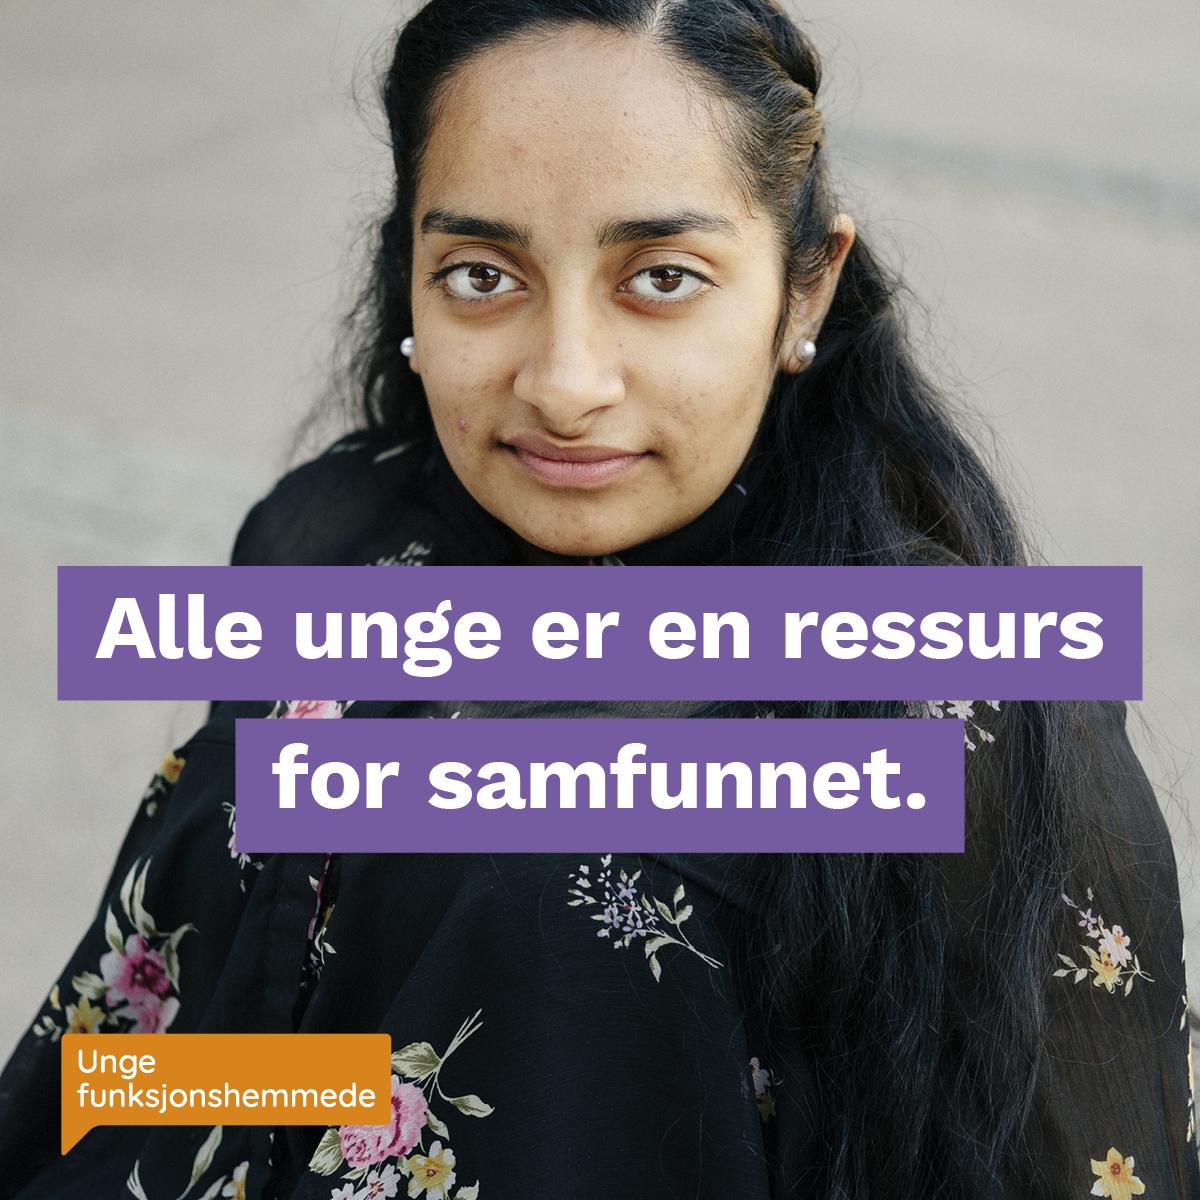 """Et nærbilde av en kvinne som ser inn i kamera. Midt i bildet står teksten """"Alle unge er en ressurs for samfunnet"""". I hjørnet synes Unge funksjonshemmedes logo."""